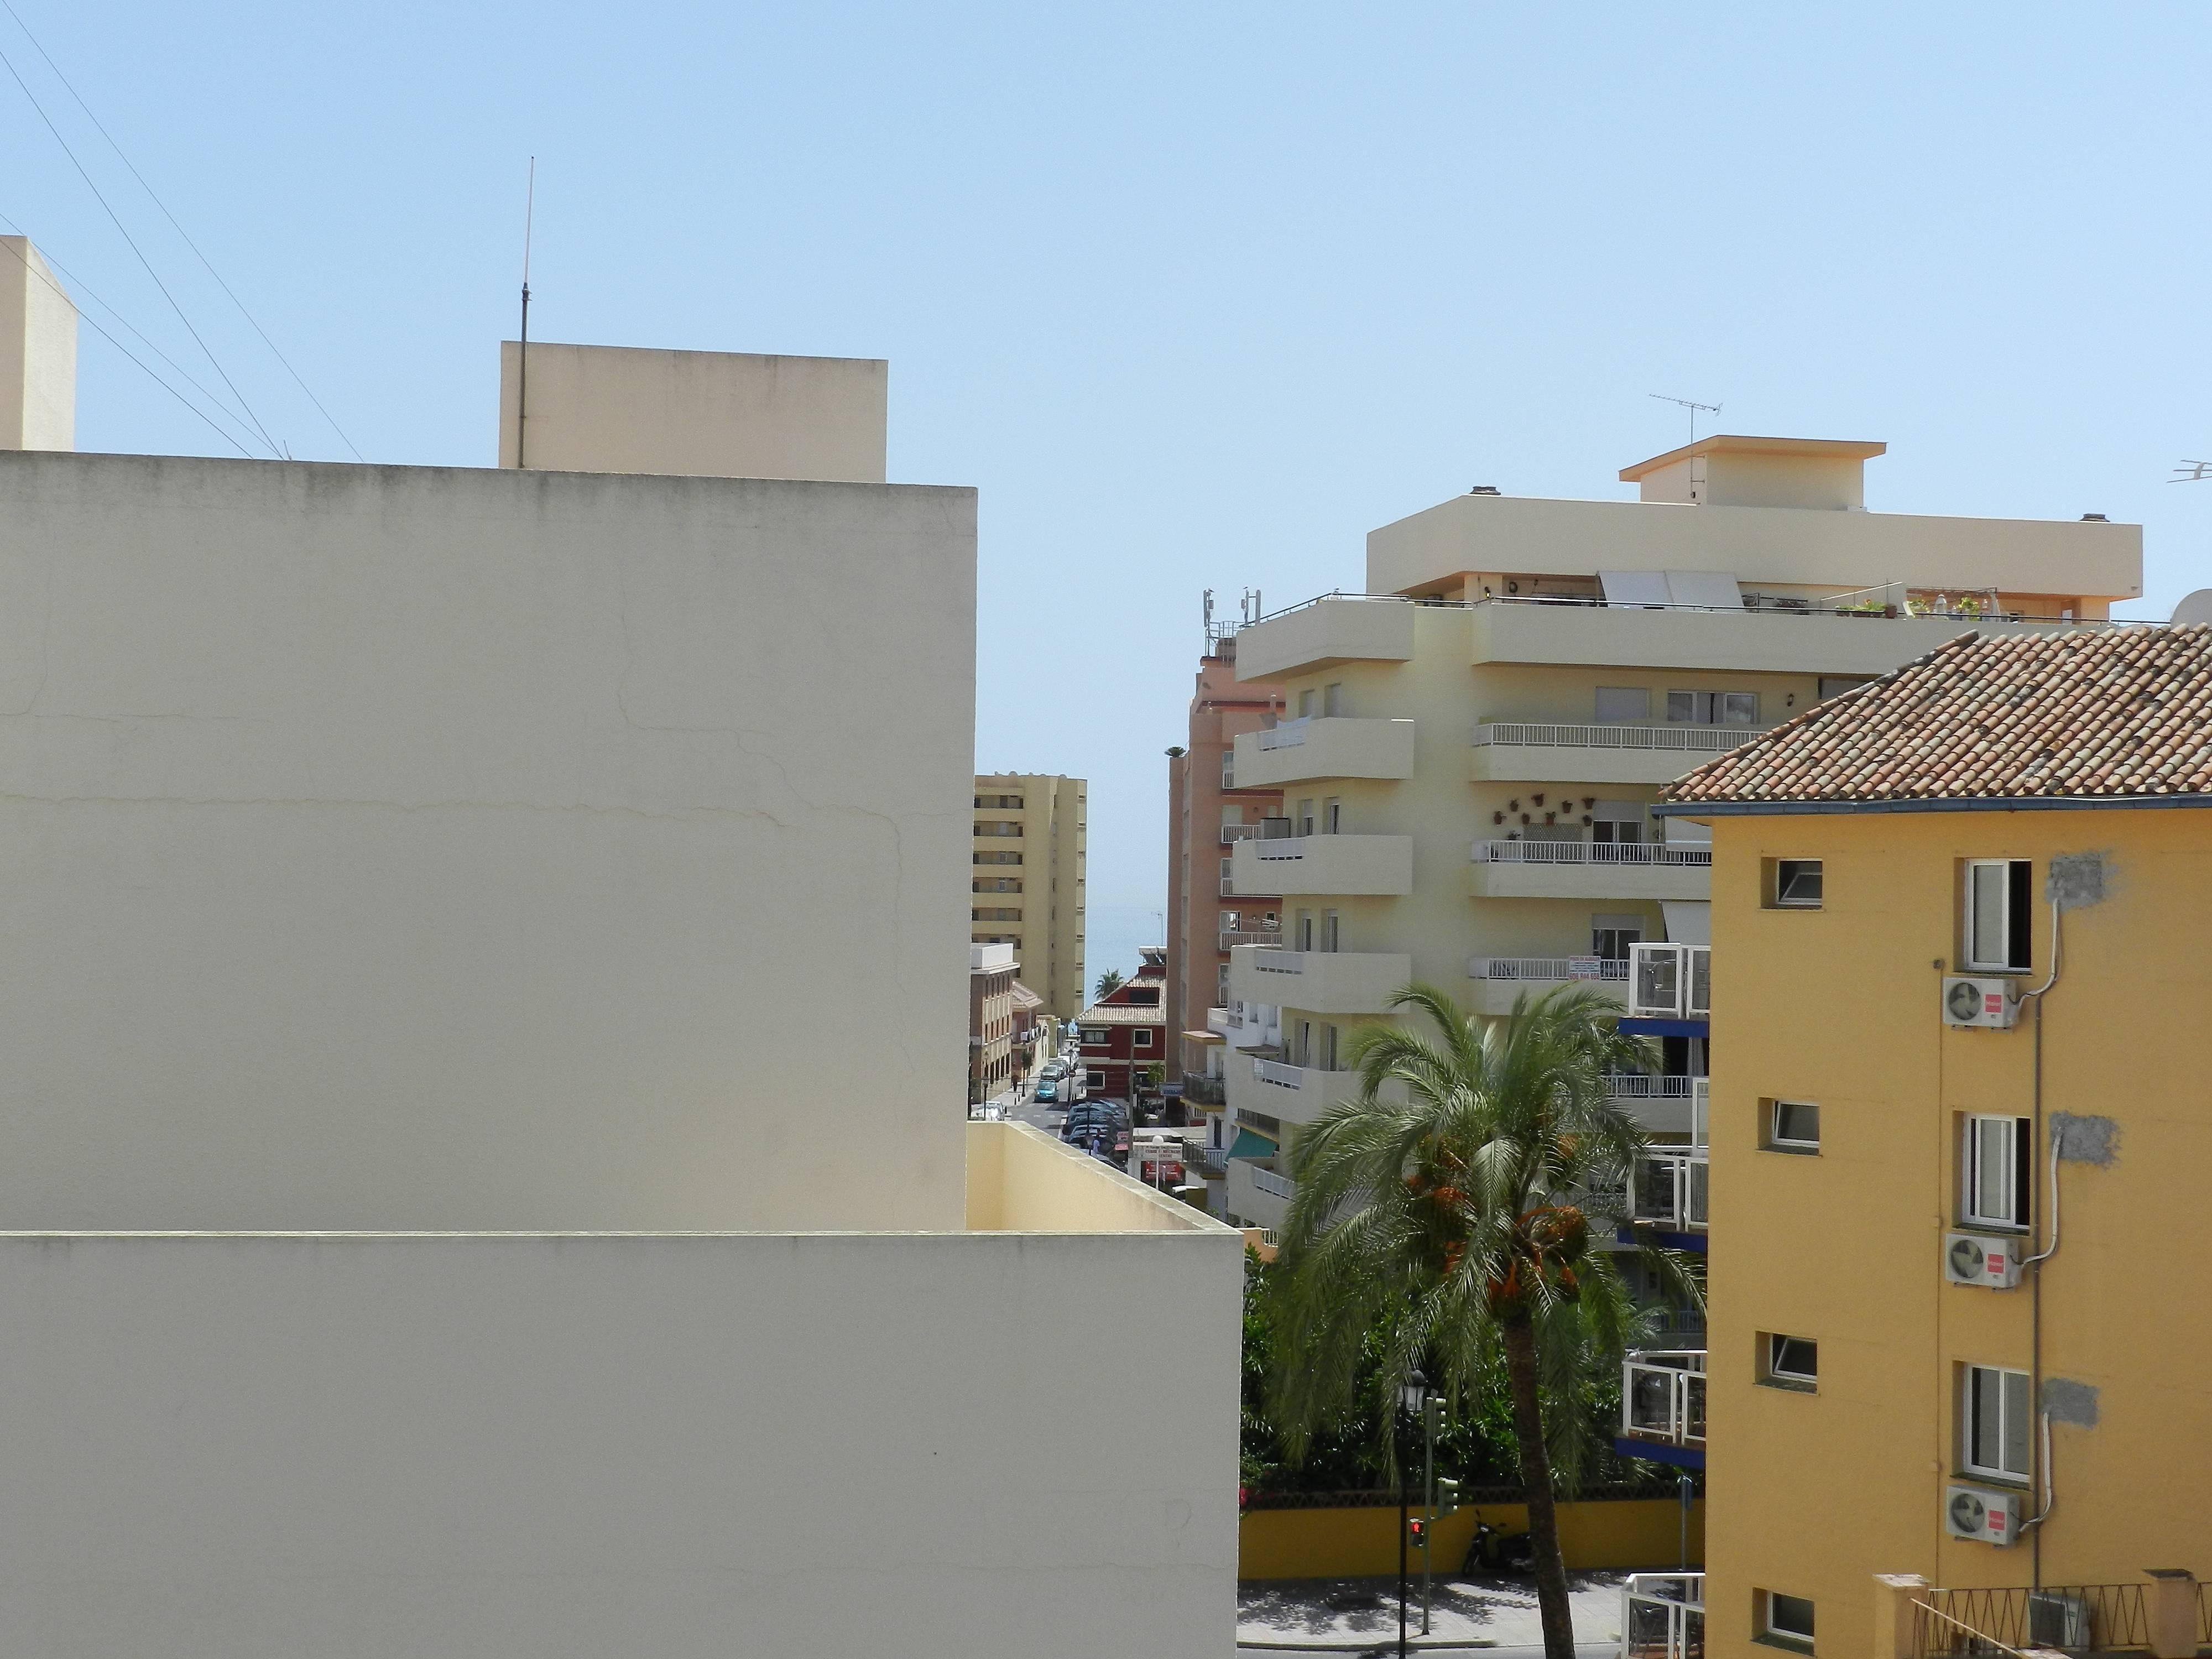 Wohnung zur miete 275 meter bis zum strand fuengirola for Suche wohnung zur miete